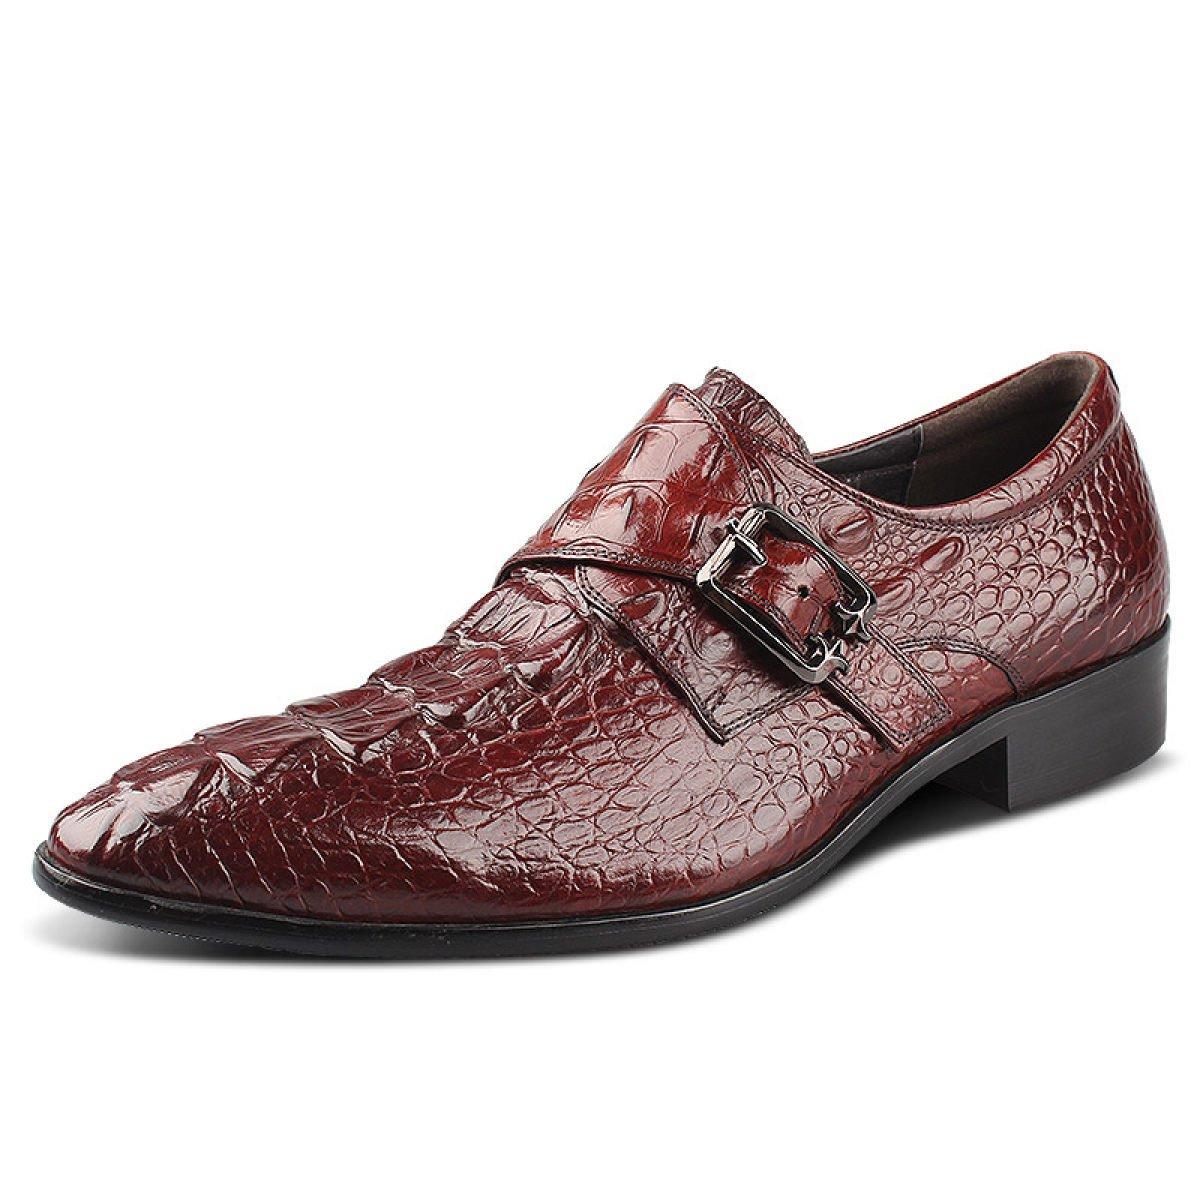 new product 740a2 37782 GRRONG Herren Business-Kleidung Schuhe Britische Schuhe Hochzeit Schuhe  42 Redwine